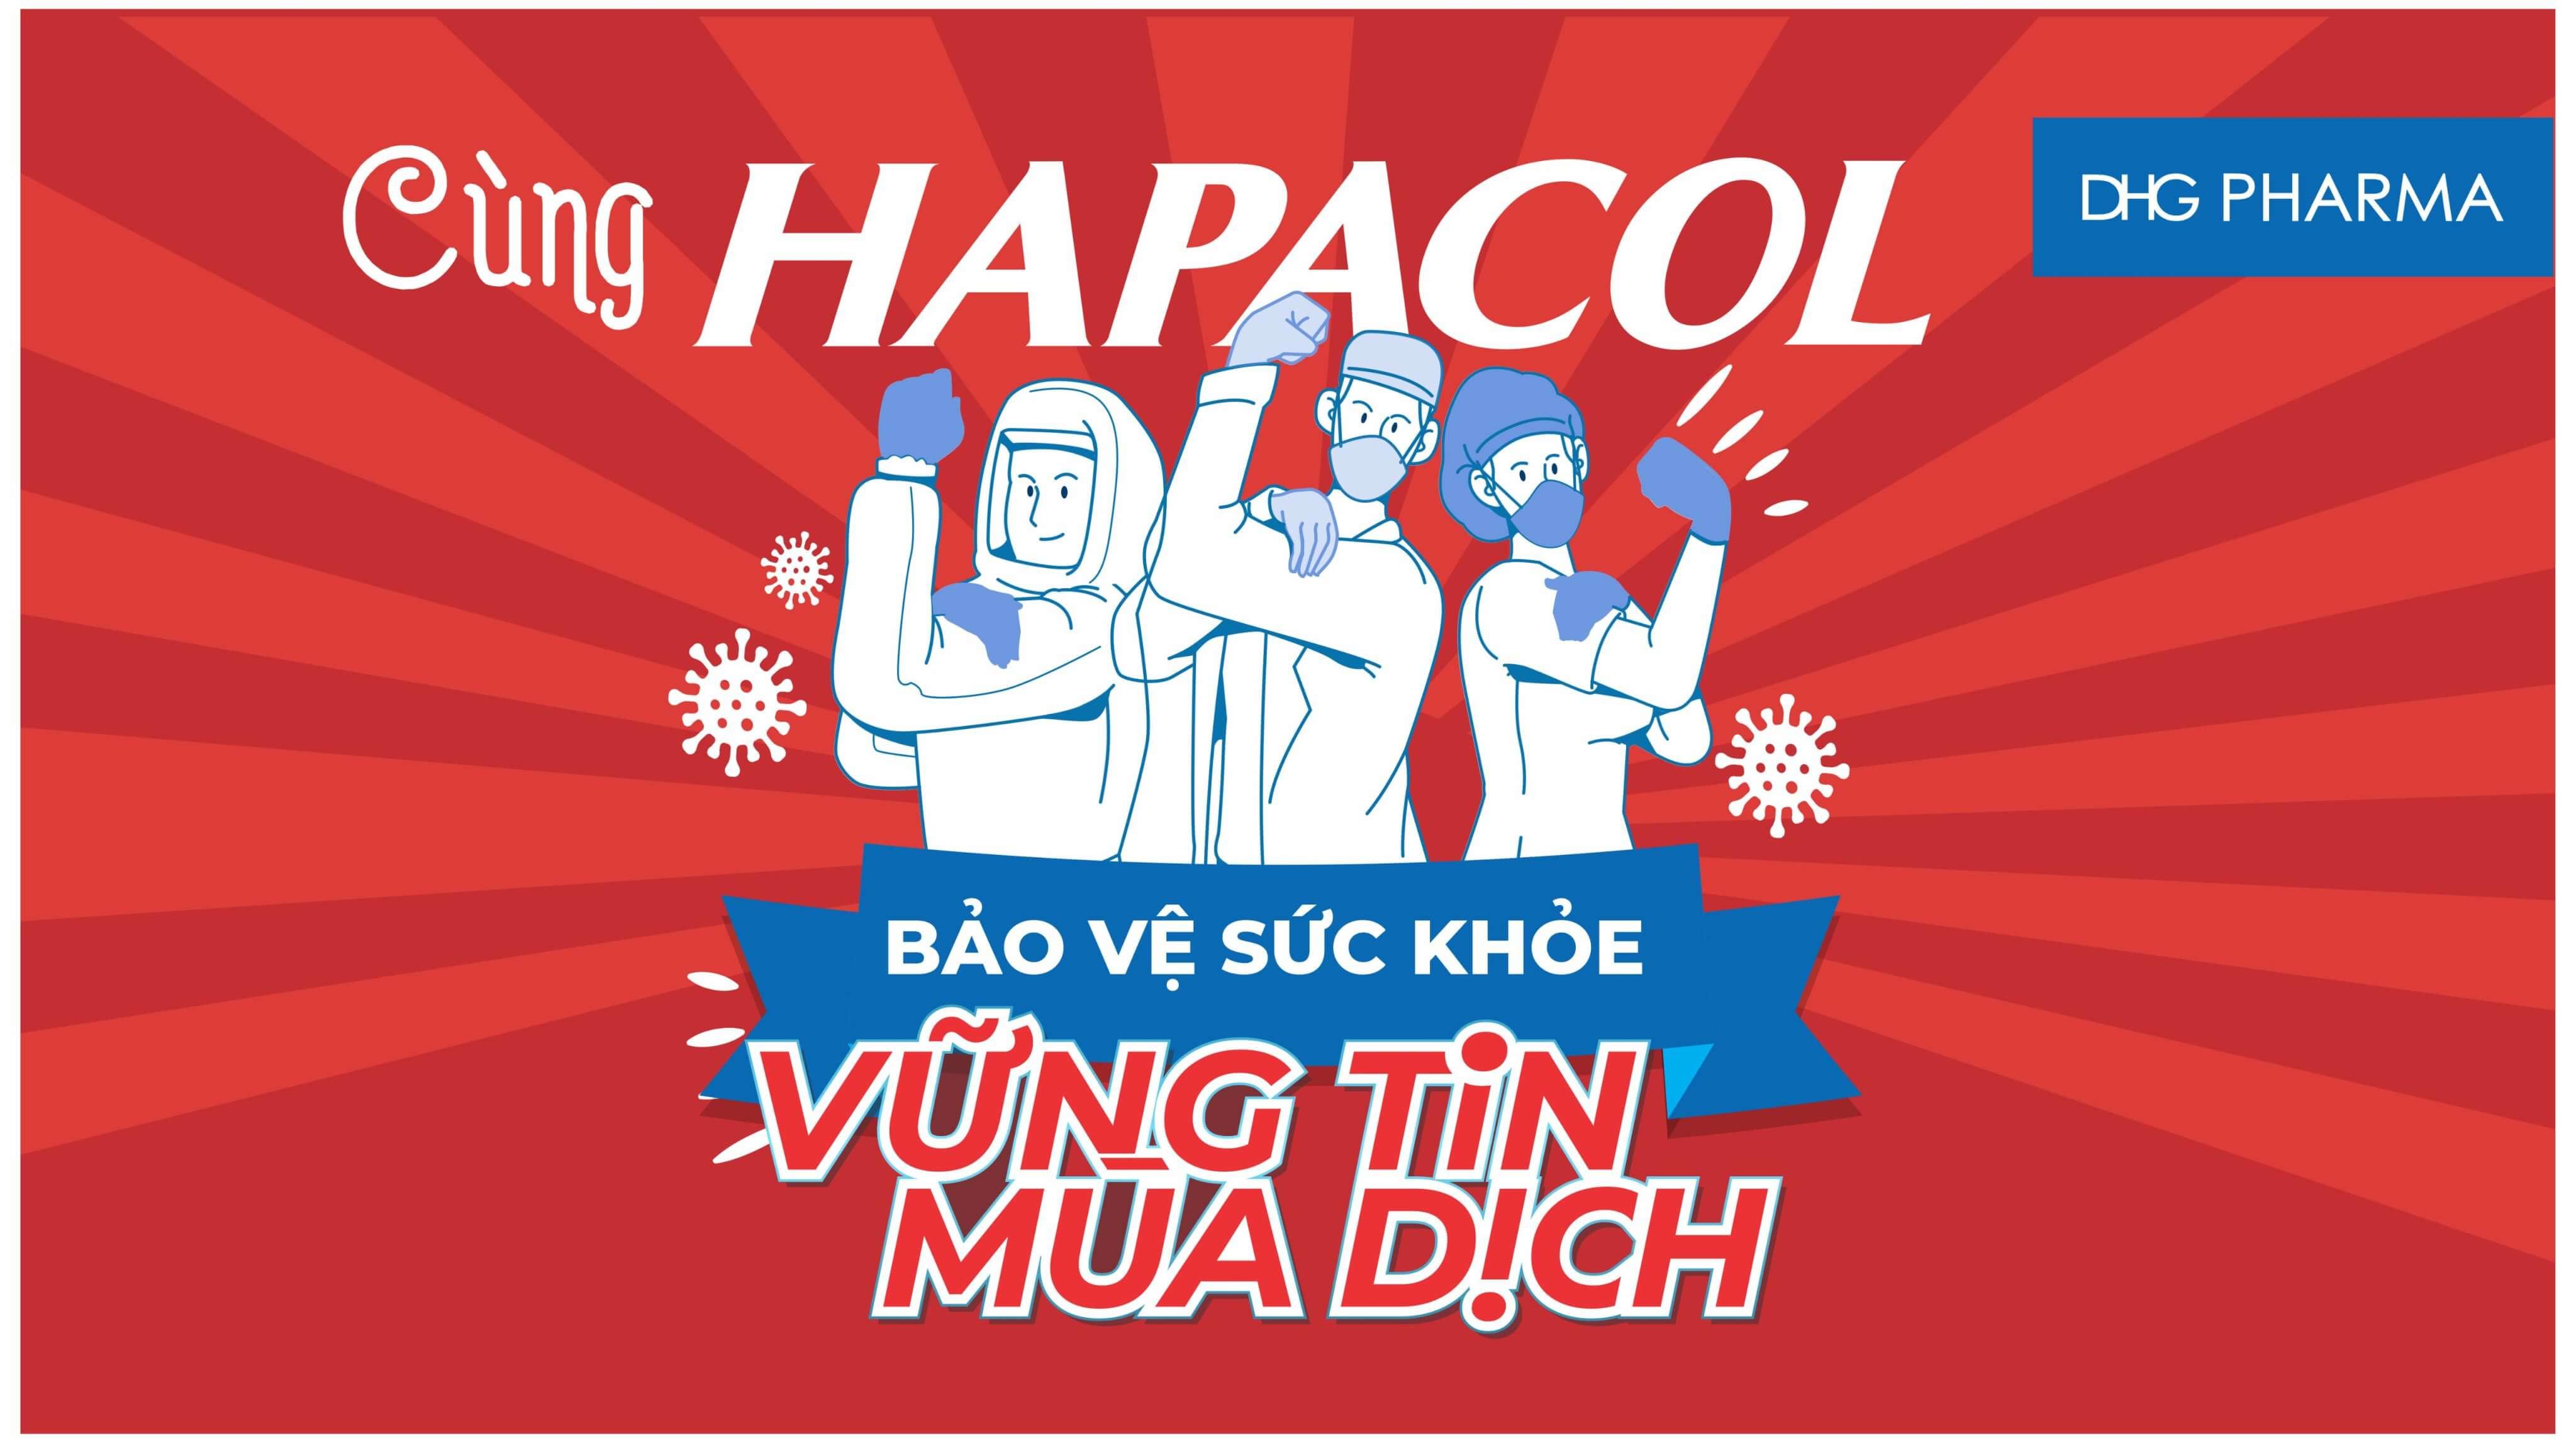 Cùng Hapacol vững tin mùa dịch